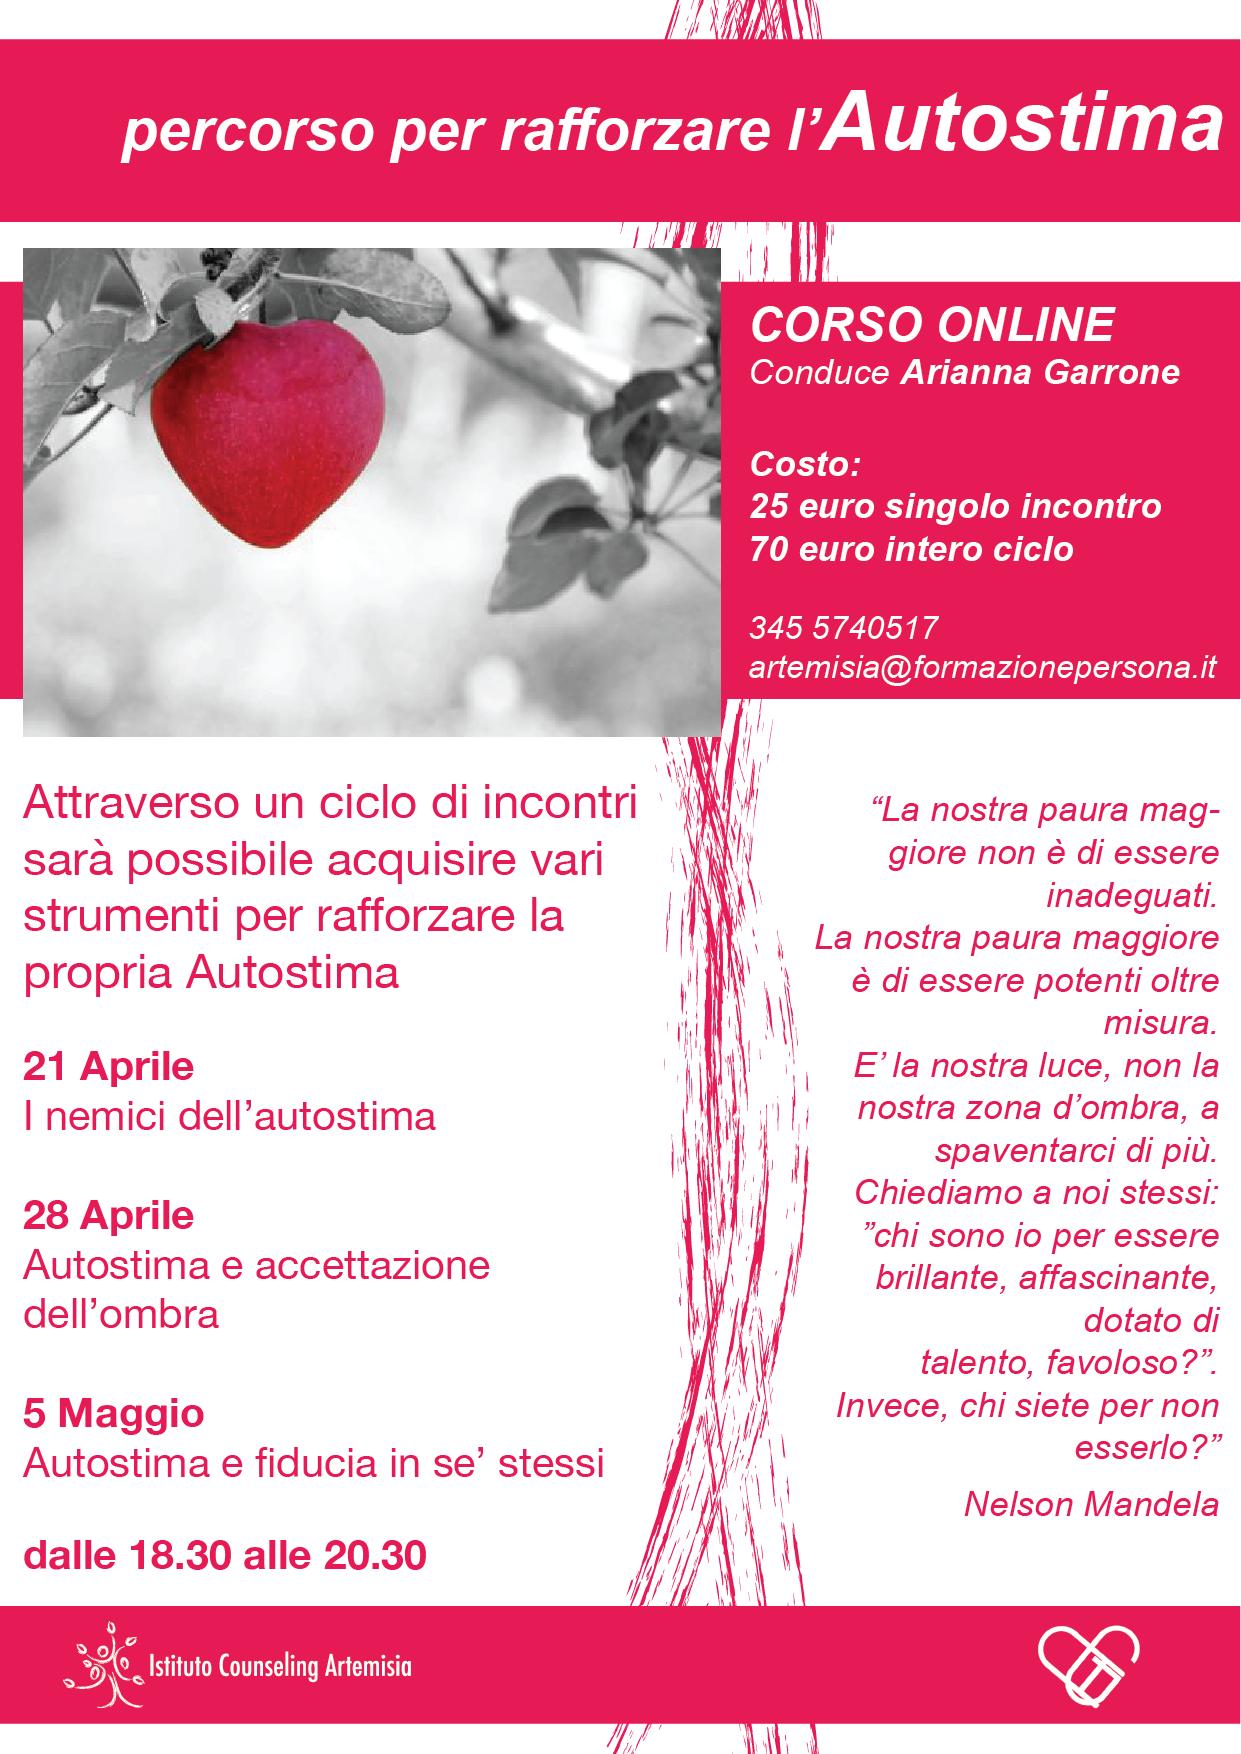 Percorso per rafforzare l'Autostima - online (secondo incontro)